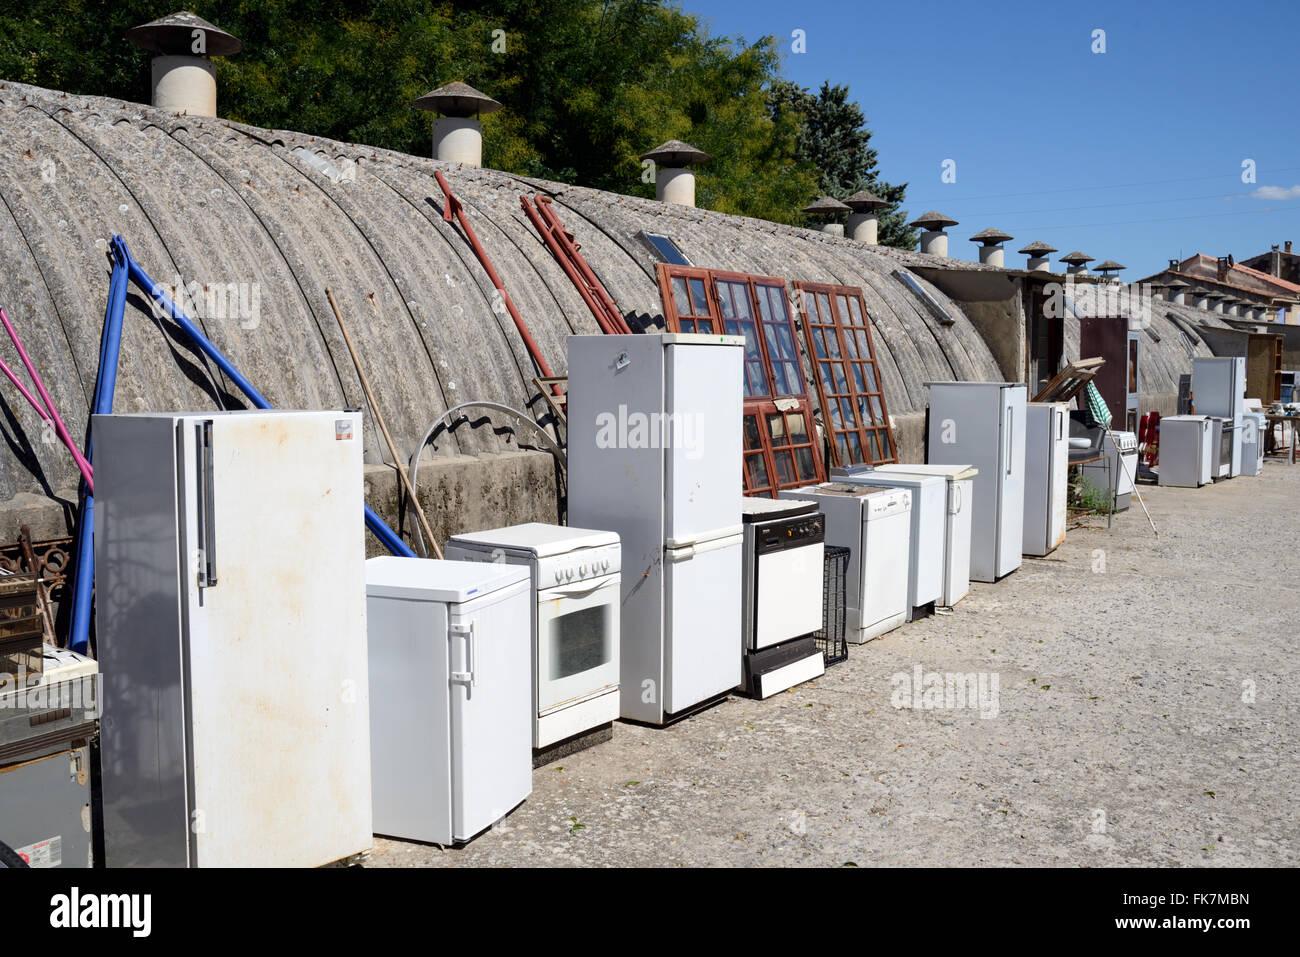 La seconde main, ou recyclés les produits blancs ou les appareils domestiques et cuisinières réfrigérateurs en vente Banque D'Images